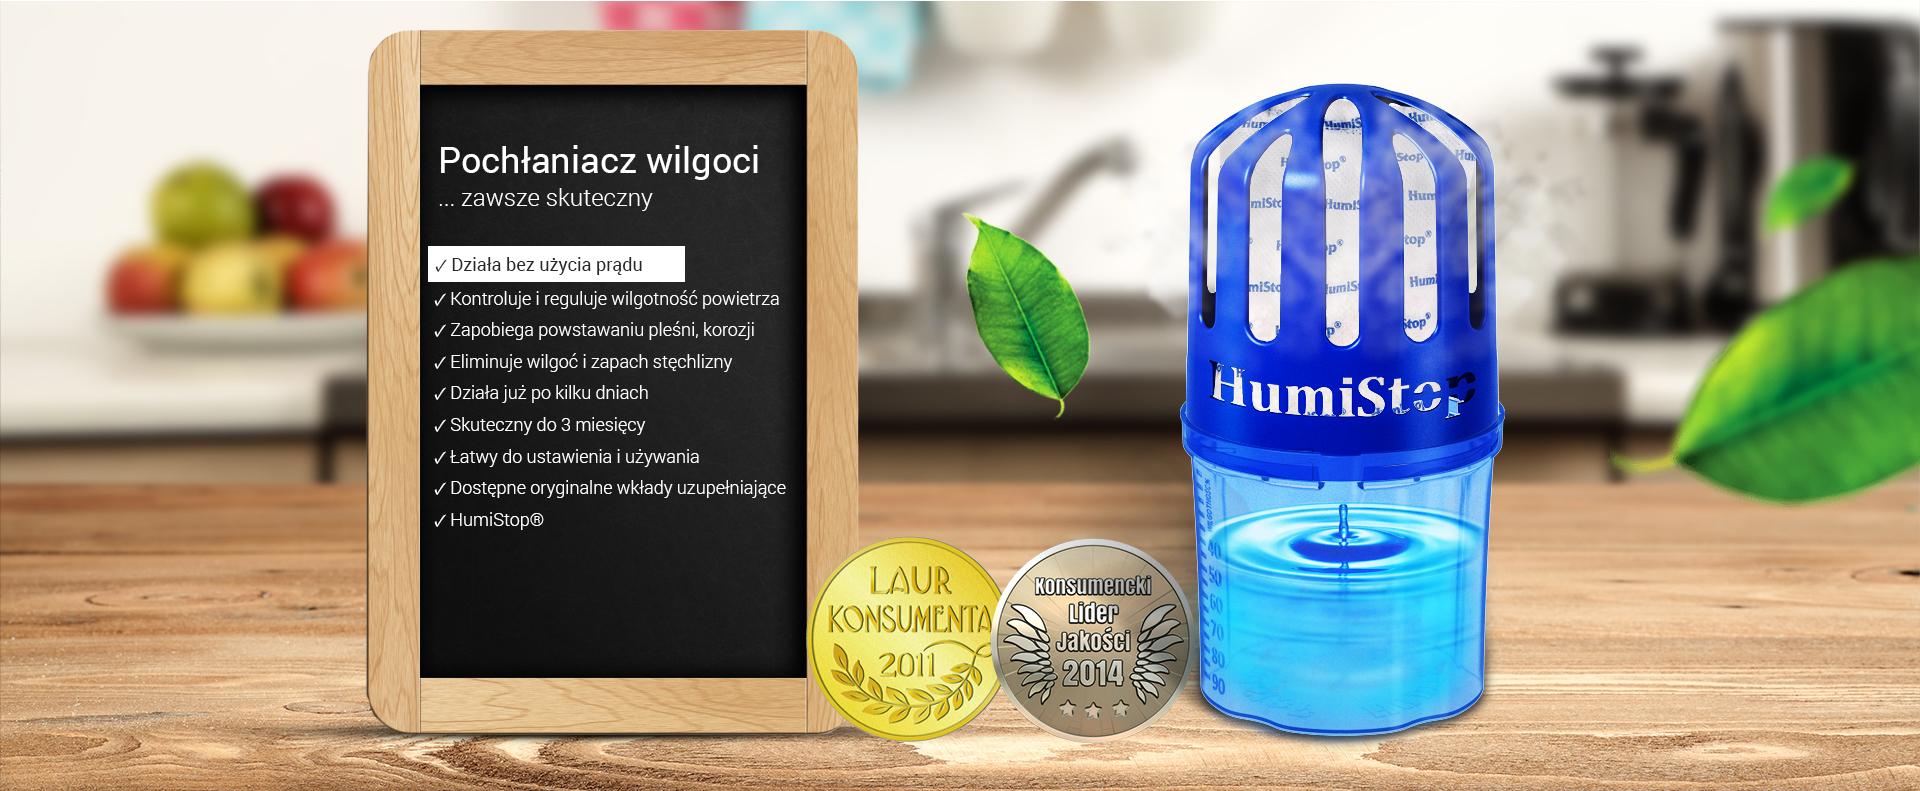 Humistop | Pochłaniacz wilgoci, Usuwają nadmiar wilgoci. Koniec z zaparowanymi szybami